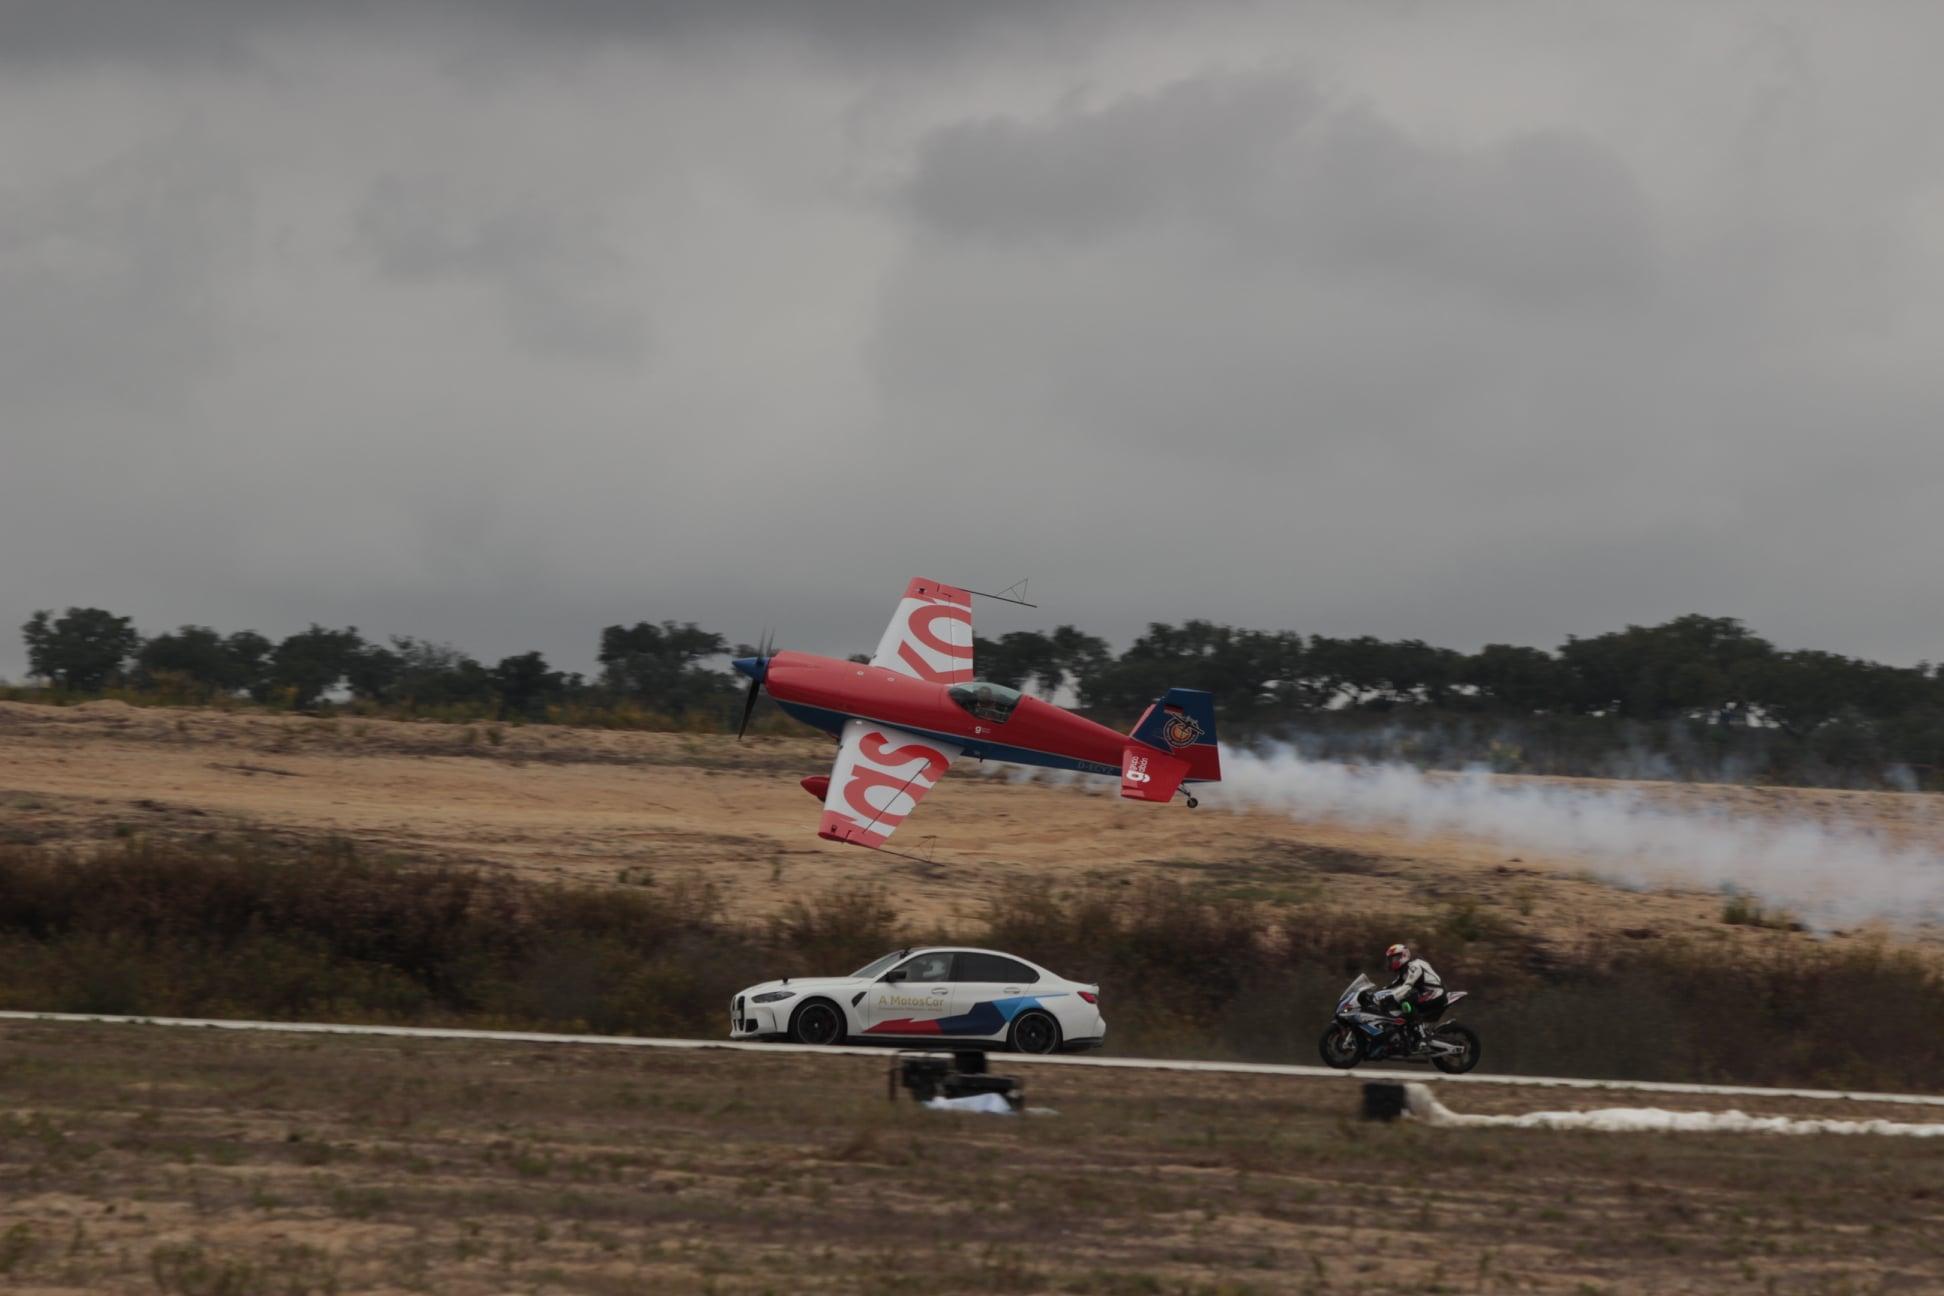 Concluído o Portugal Air Summit'21